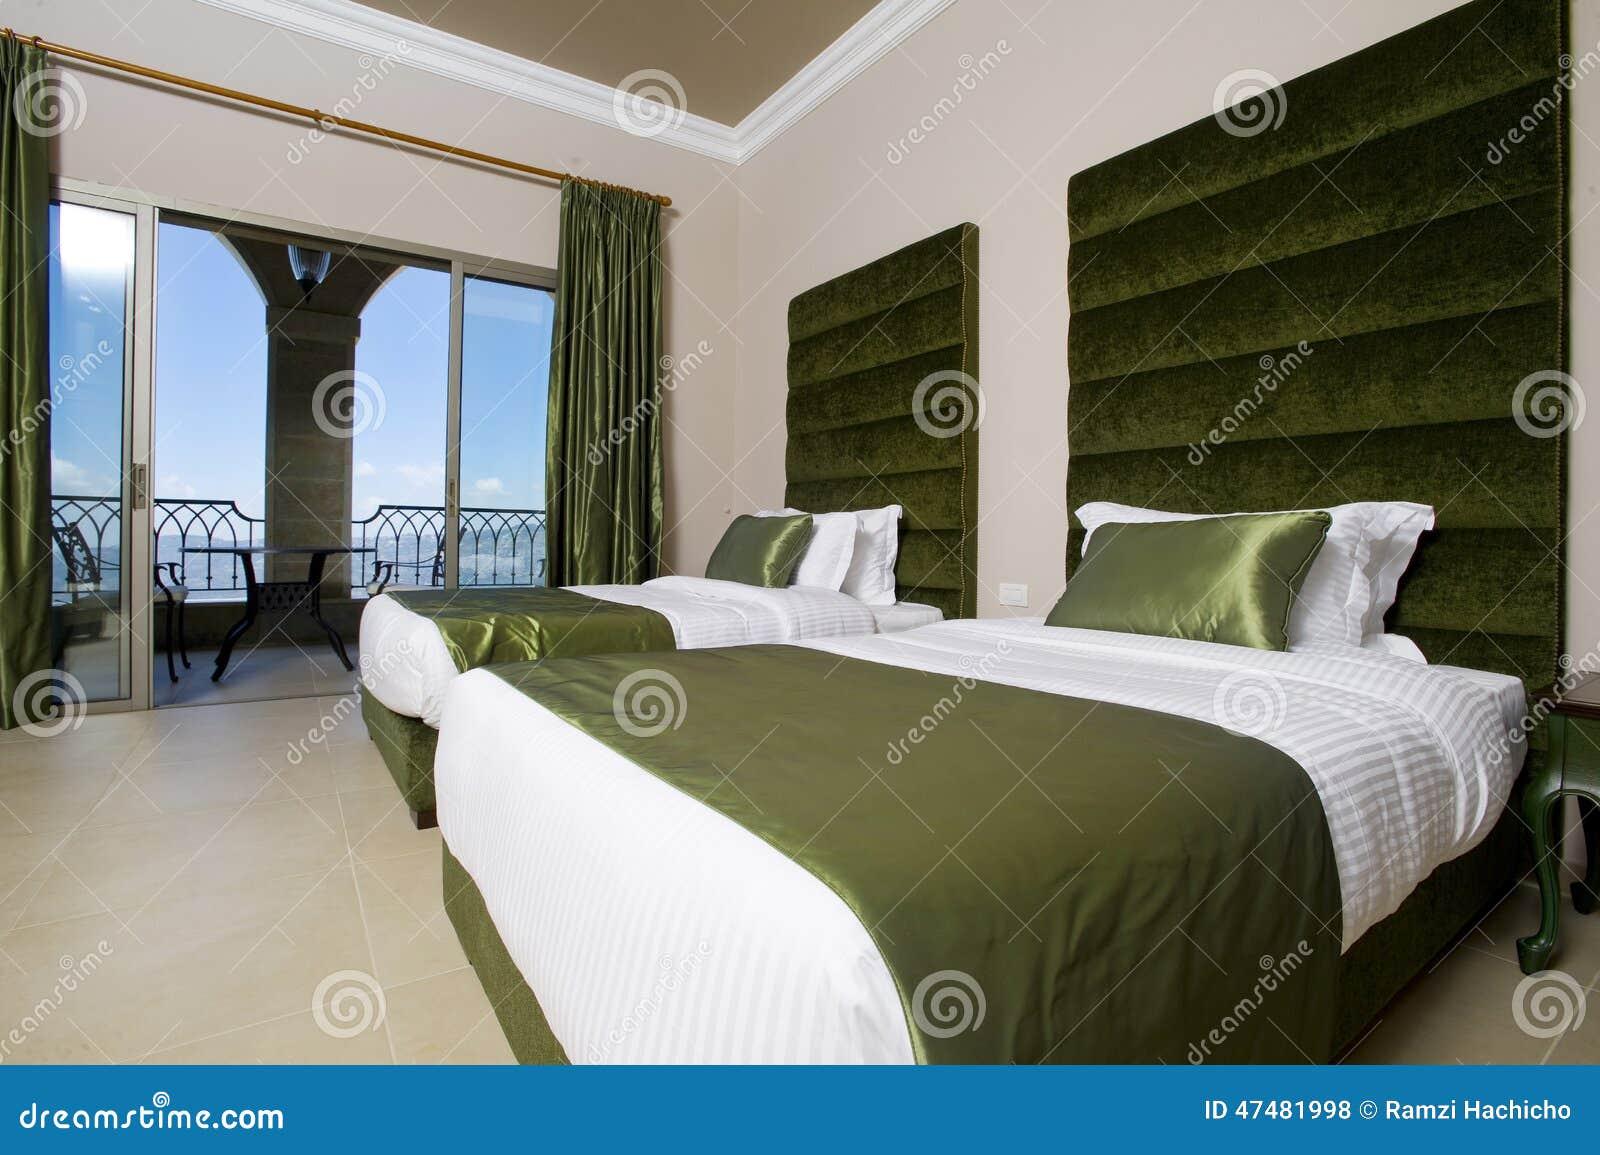 Camera da letto lussuosa con i balconi camera da letto for Nuova camera da letto dell inghilterra